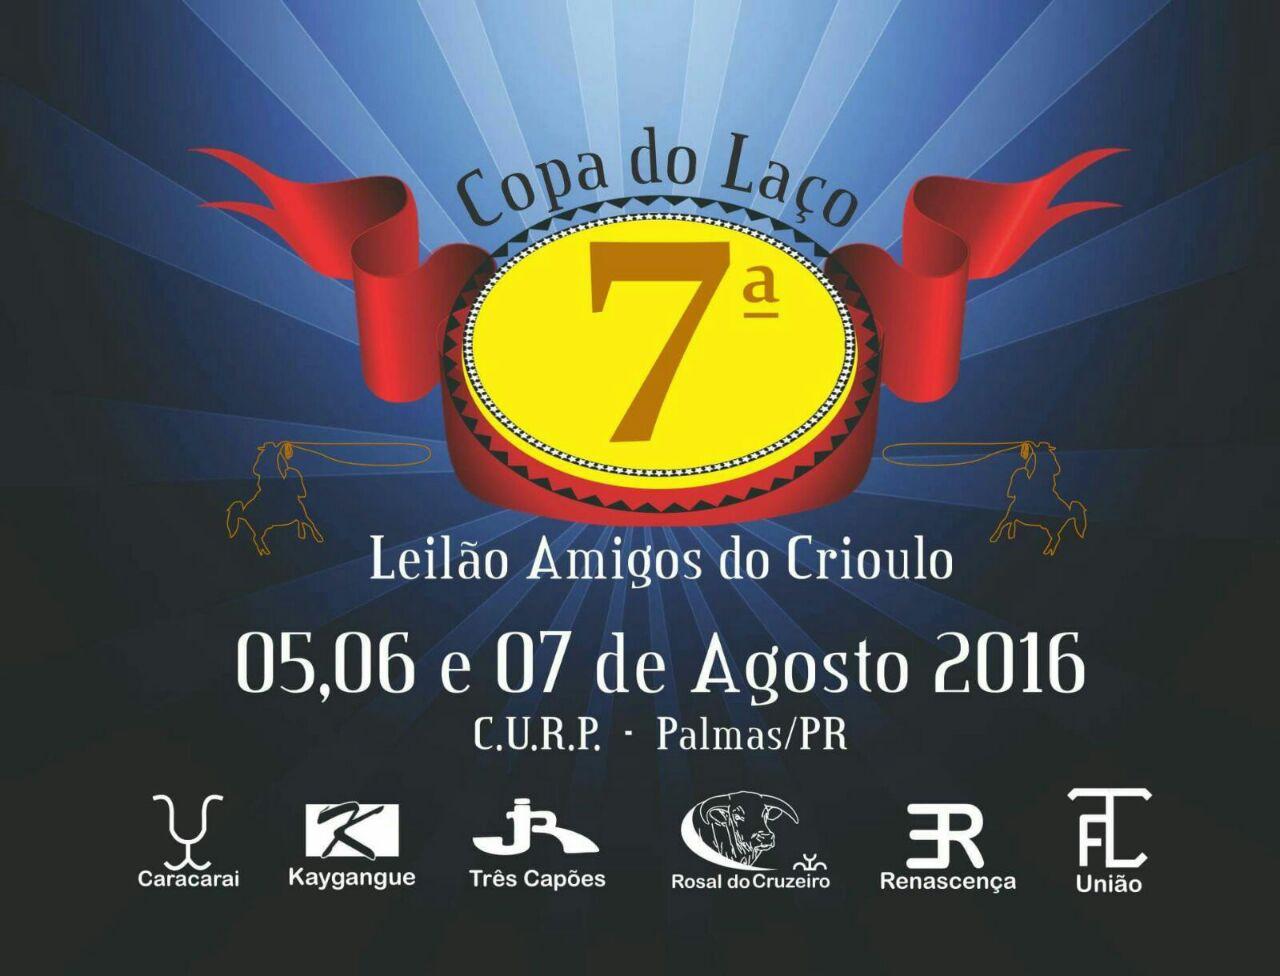 Palmas:Vem aí a 7ª Copa de Laço e leilão amigos do Crioulo